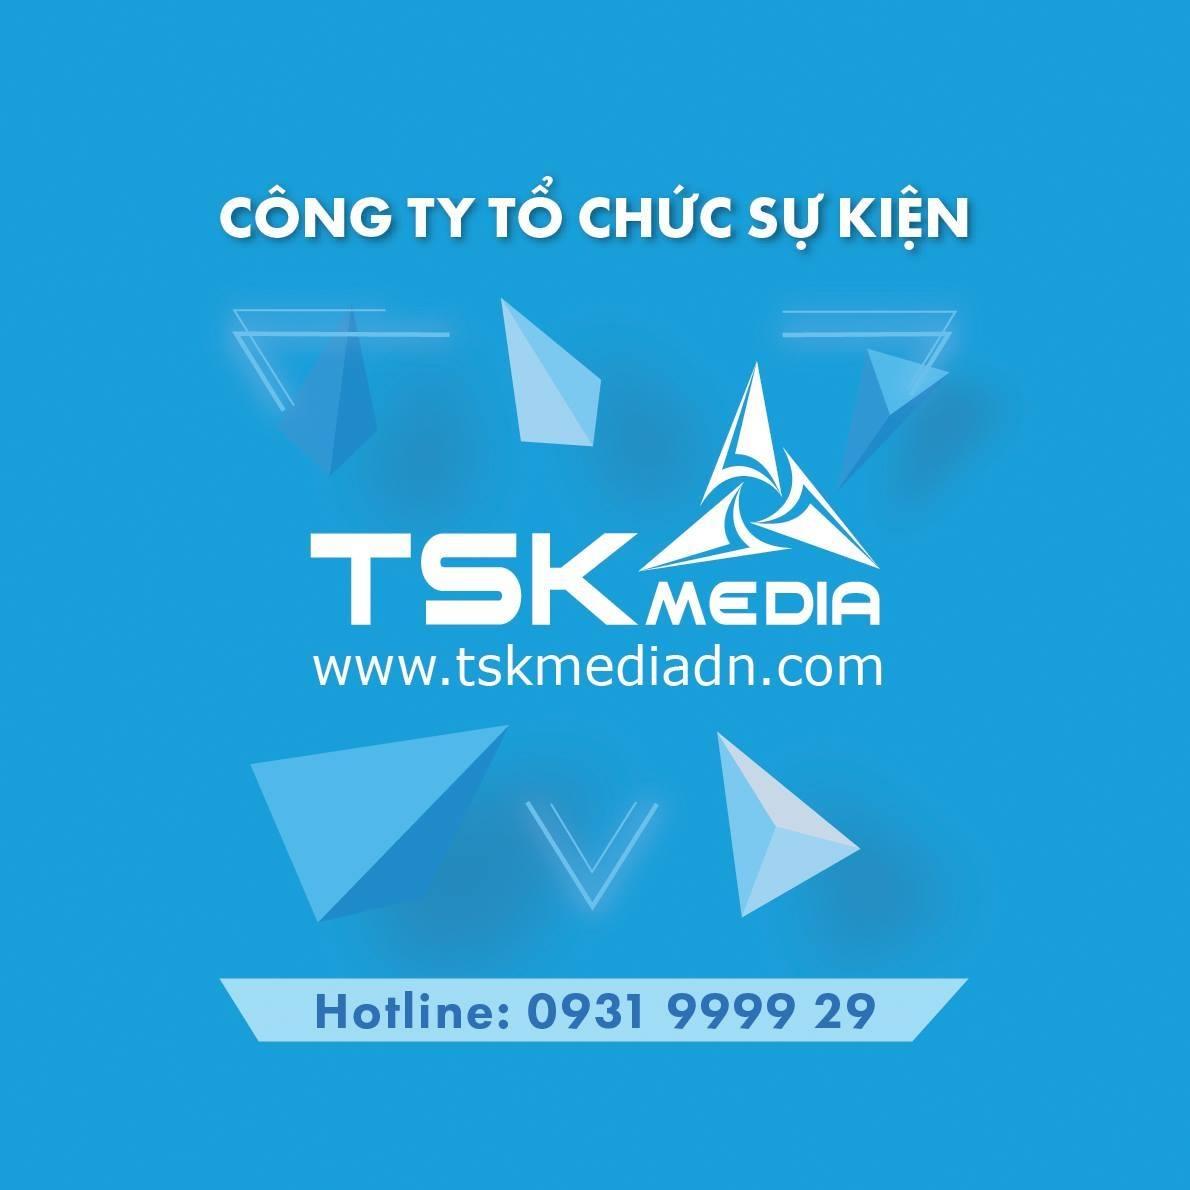 Công Ty Tổ Chức Sự Kiện TSK Media - đơn vị tổ chức sự kiện chuyên nghiệp